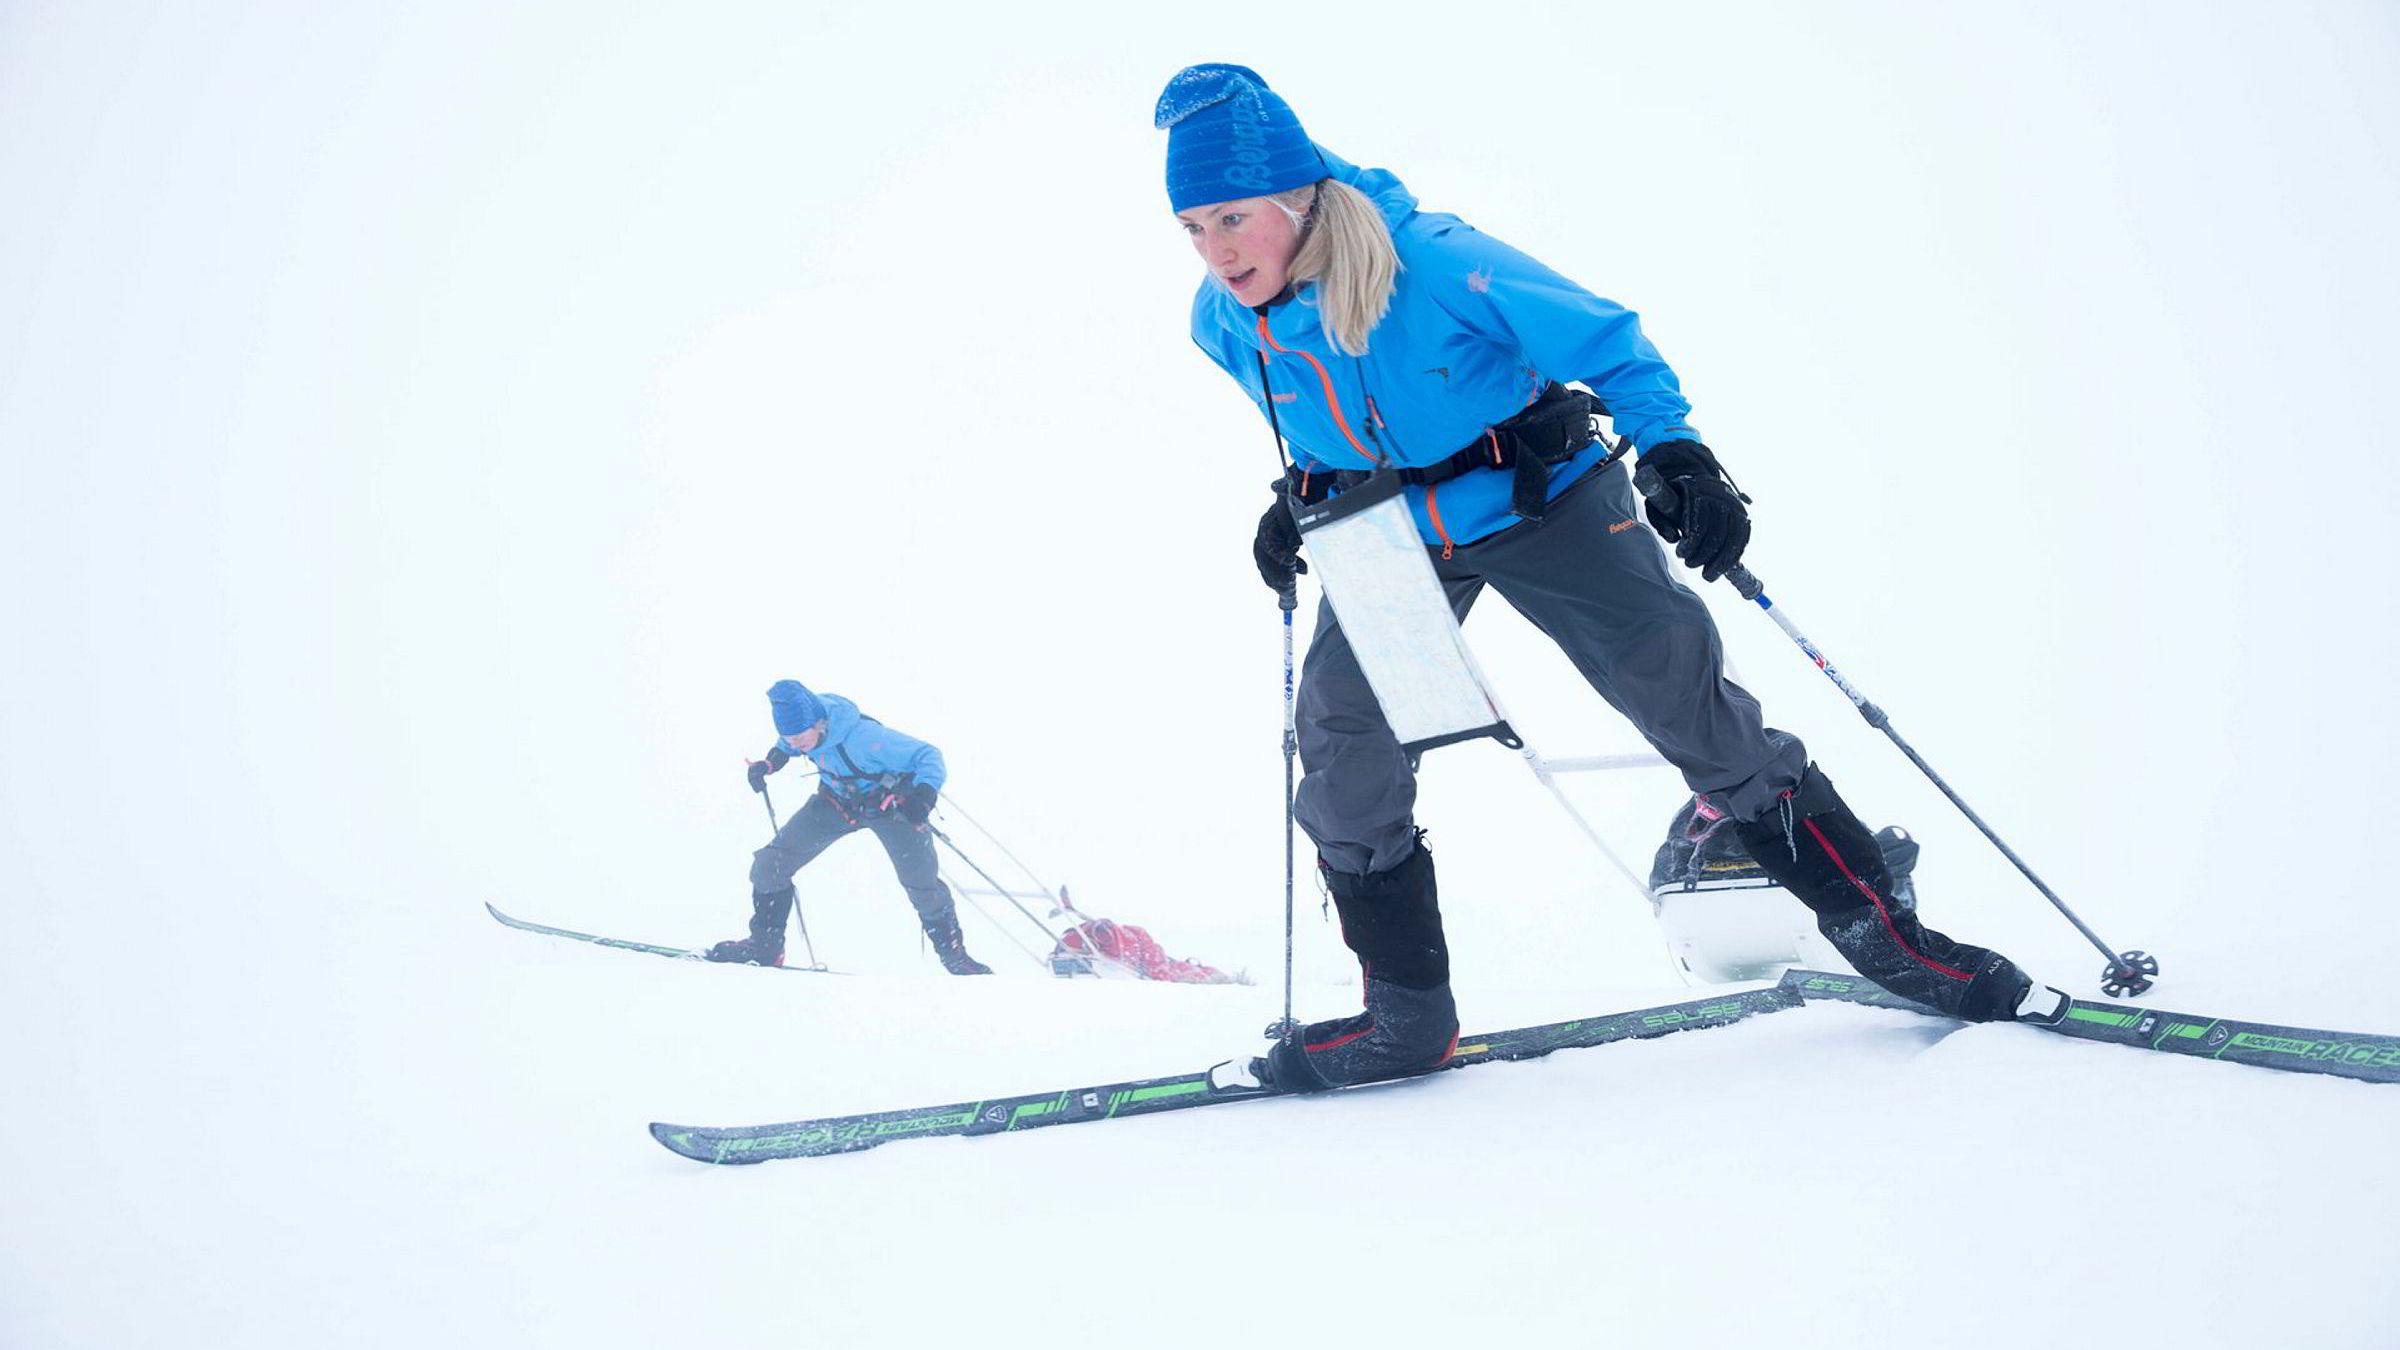 Med 40 kilo i pulken kjemper Line Sogn Plassen (foran) og Ingeborg Kristine Lind seg opp en bratt bakke innover Hardangervidda, i området der Expedition Amundsen arrangeres i starten av mars.